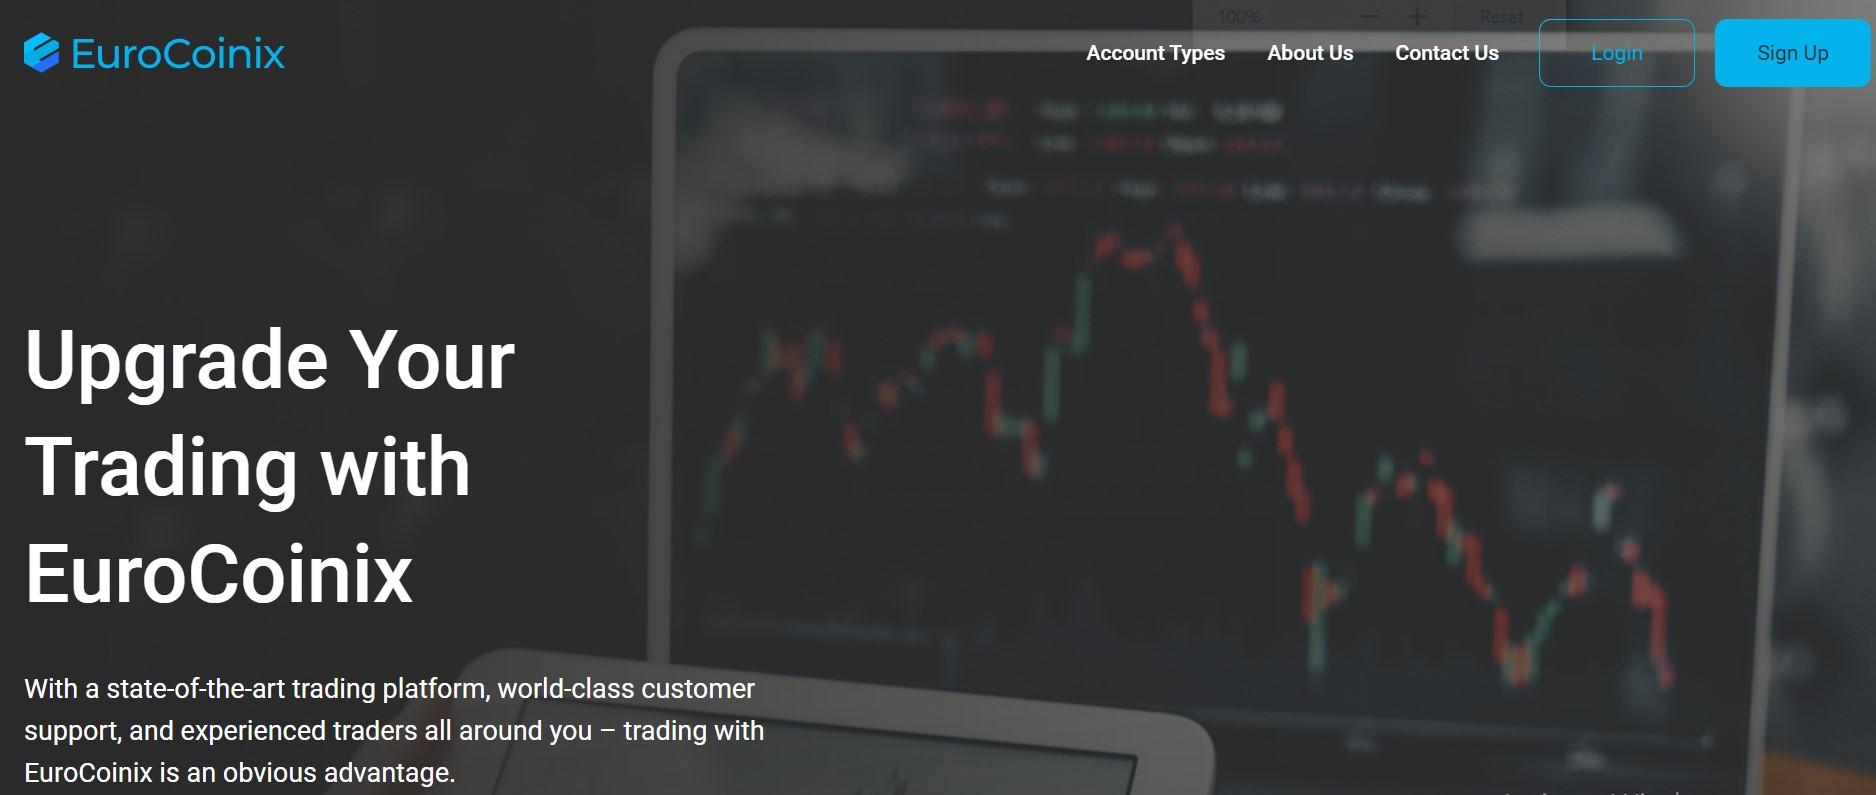 EuroCoinix website